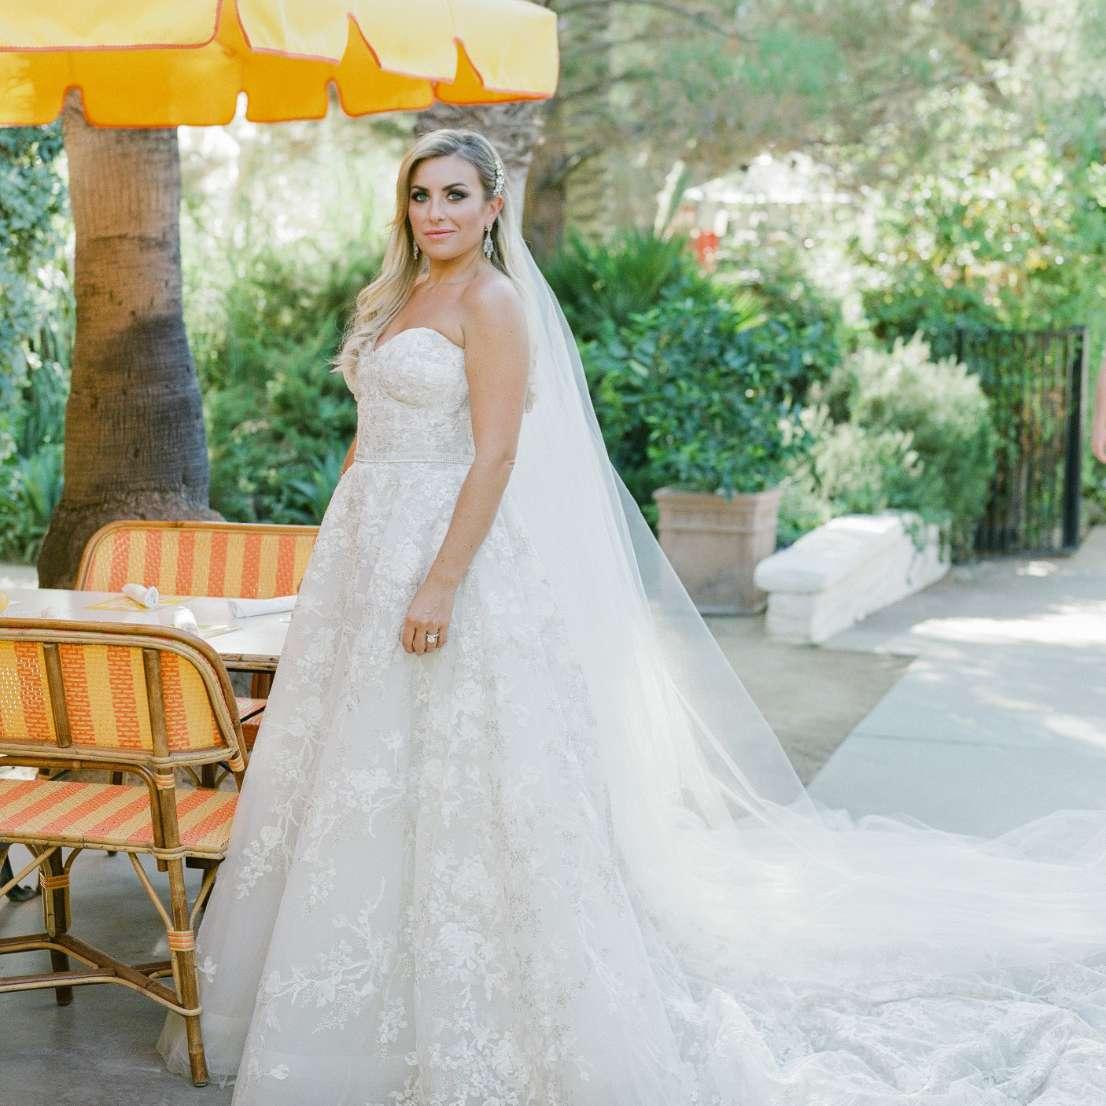 bride under umbrella